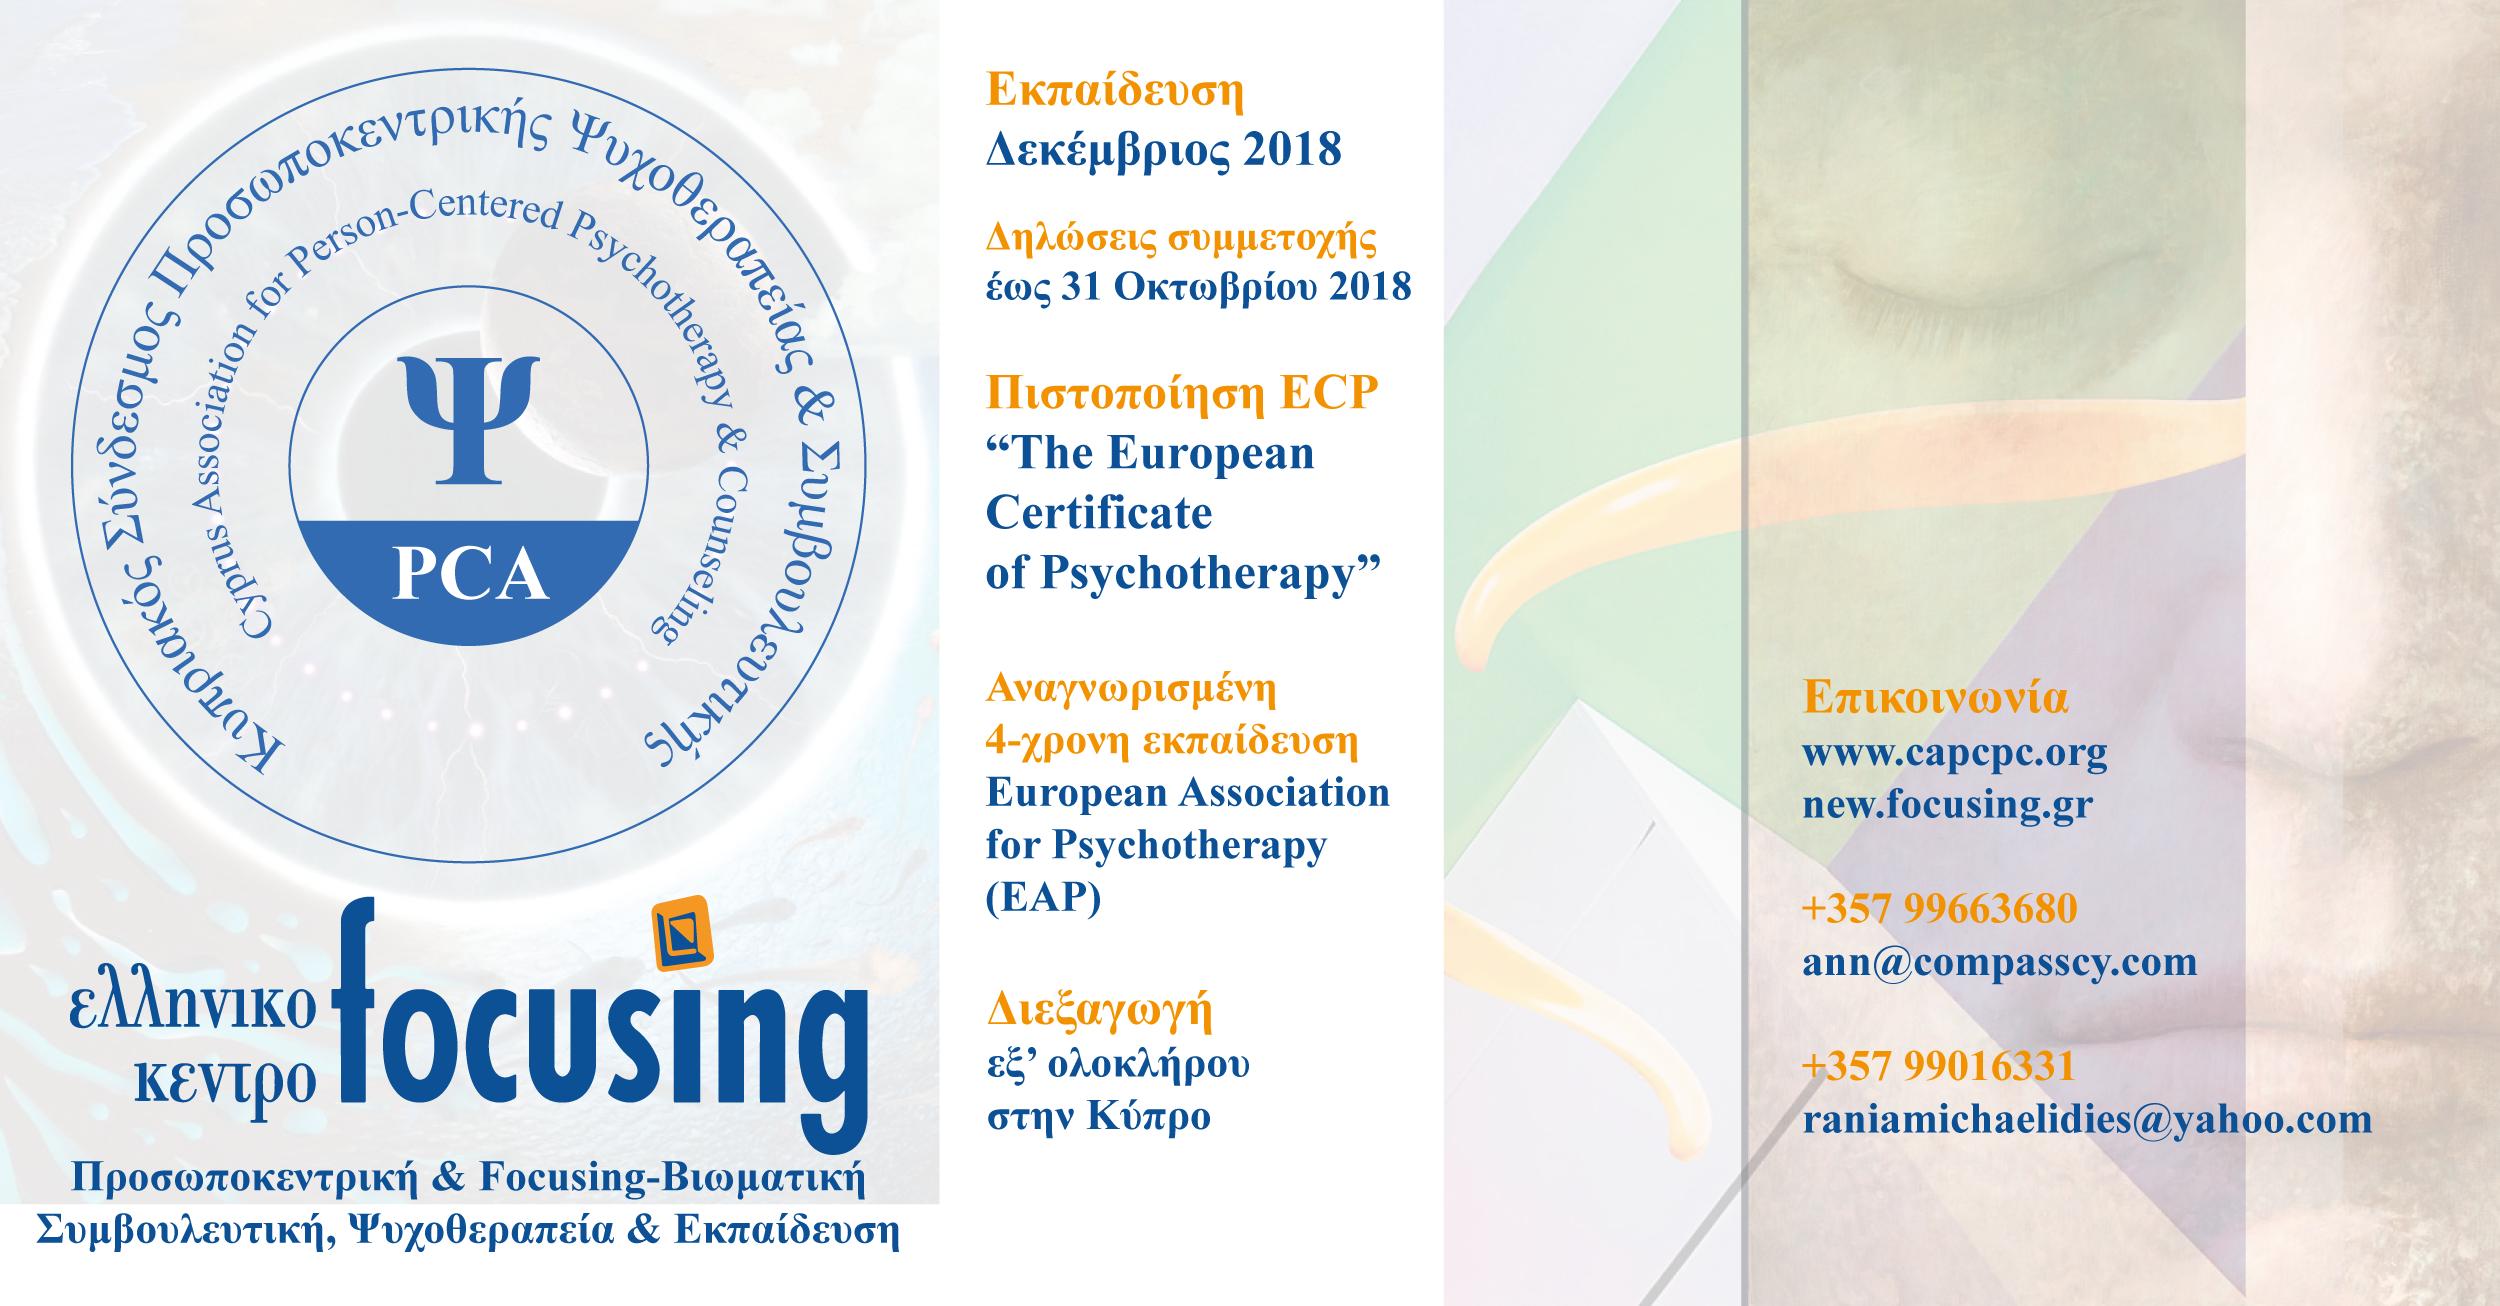 Κύπρος: Παρουσίαση της Προσωποκεντρικής & Focusing-βιωματικής Ψυχοθεραπείας